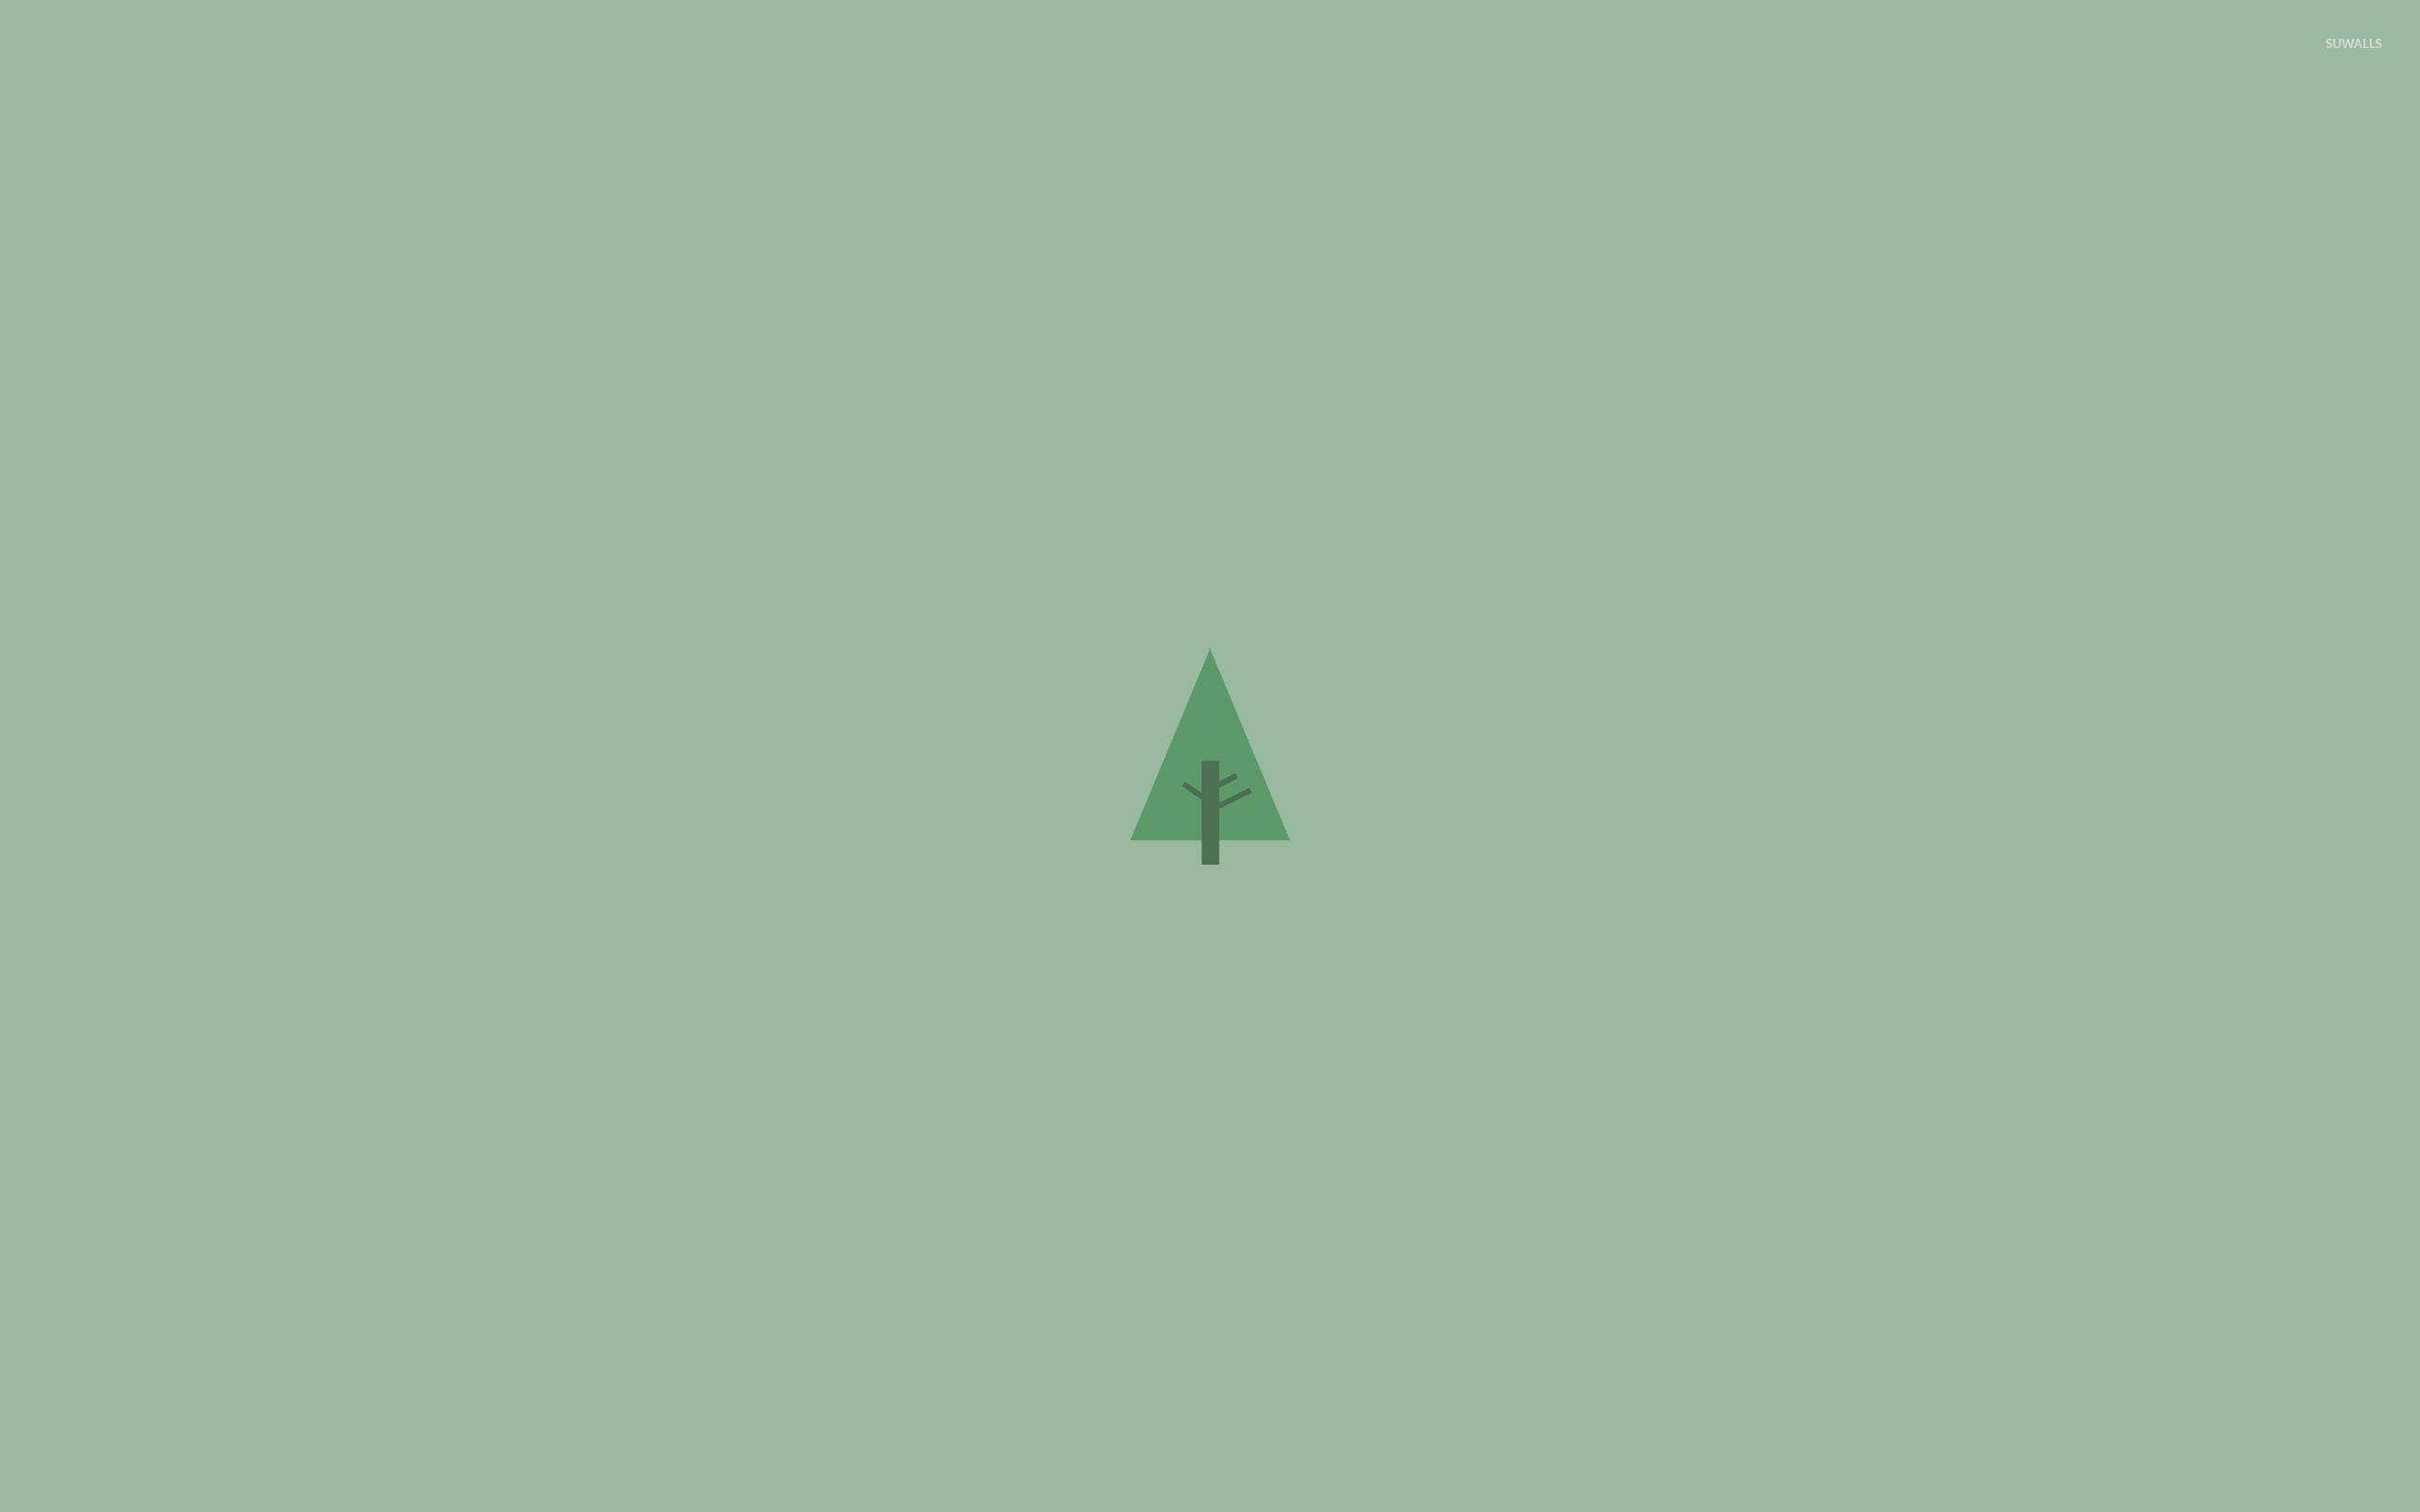 Minimalist Pine Tree: Pine Trees Wallpapers